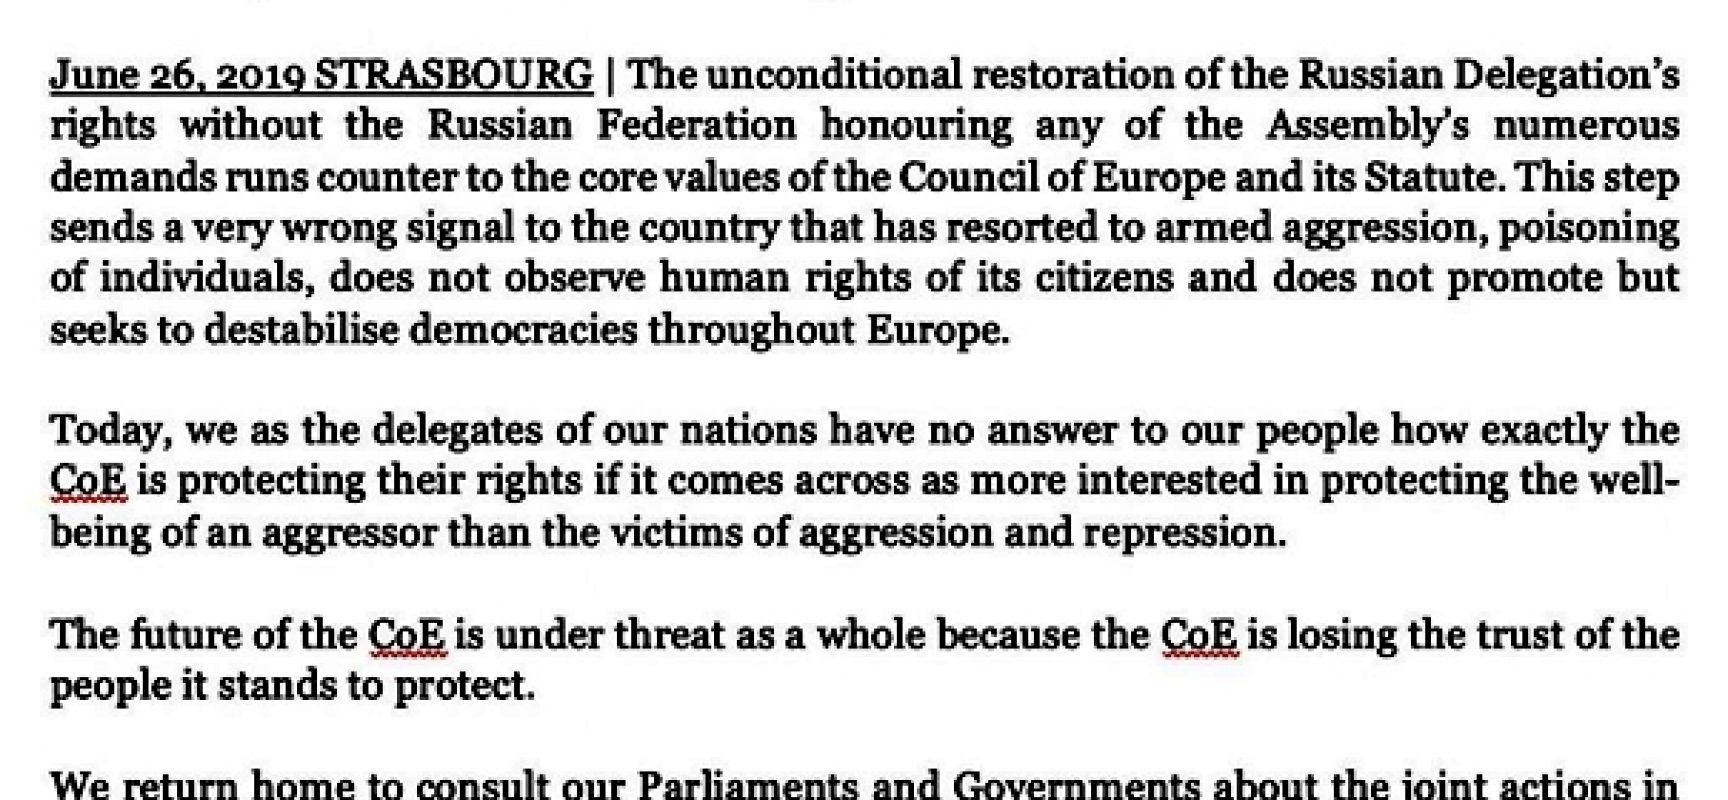 Protest Polski, Ukrainy, Gruzji, Słowacji i państw bałtyckich przeciwko przywróceniu Rosji pełni praw w Radzie Europy